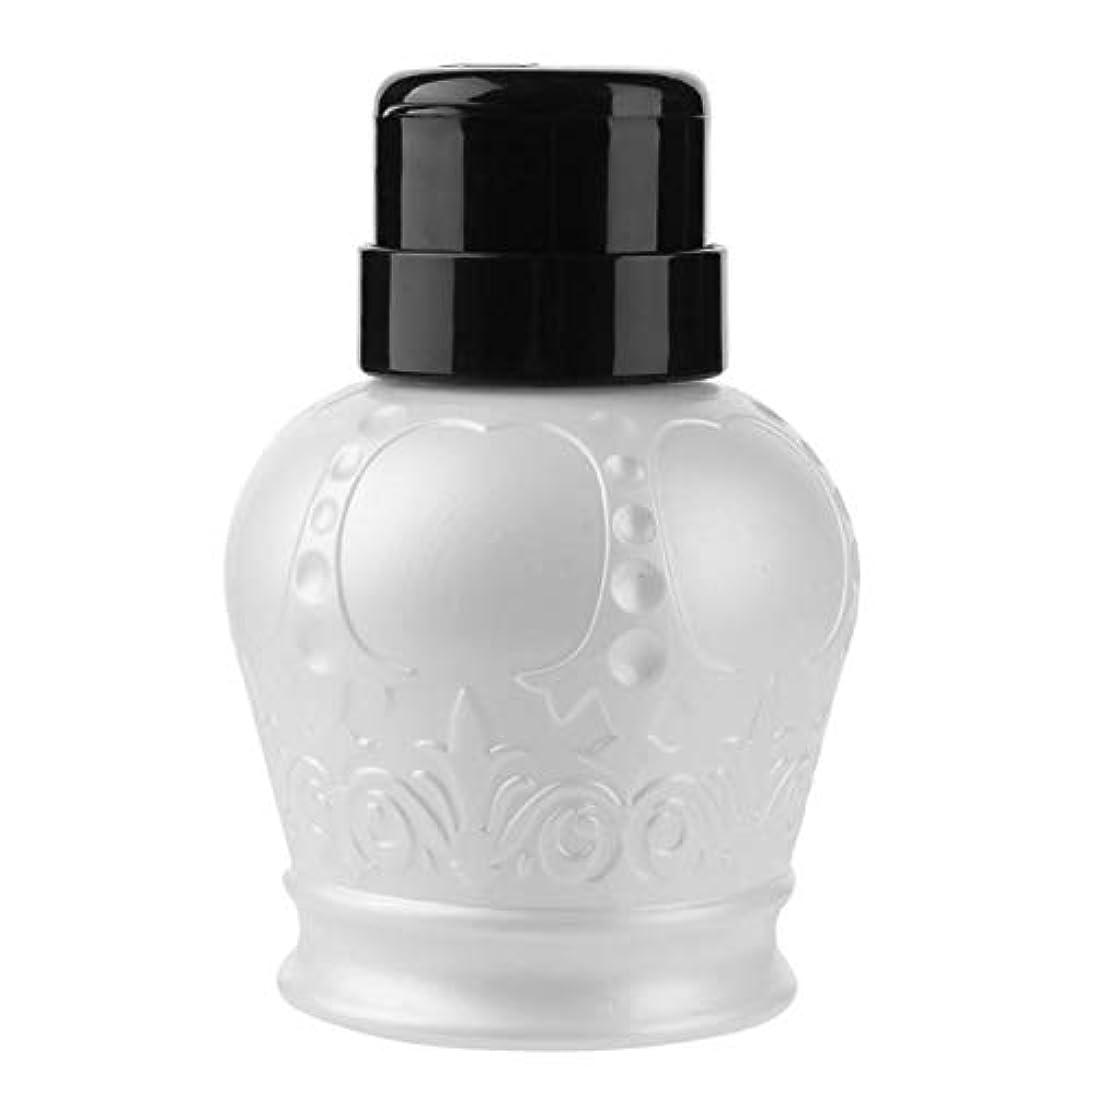 レーニン主義慣習化合物CUHAWUDBA ポンプディスペンサーネイルアート ポリッシュ ウォッシュリムーバー アルコール液体 クリーナー 空のプラスチックプレスポンプ ボトルネイルDiyマニキュアツール(ホワイト)